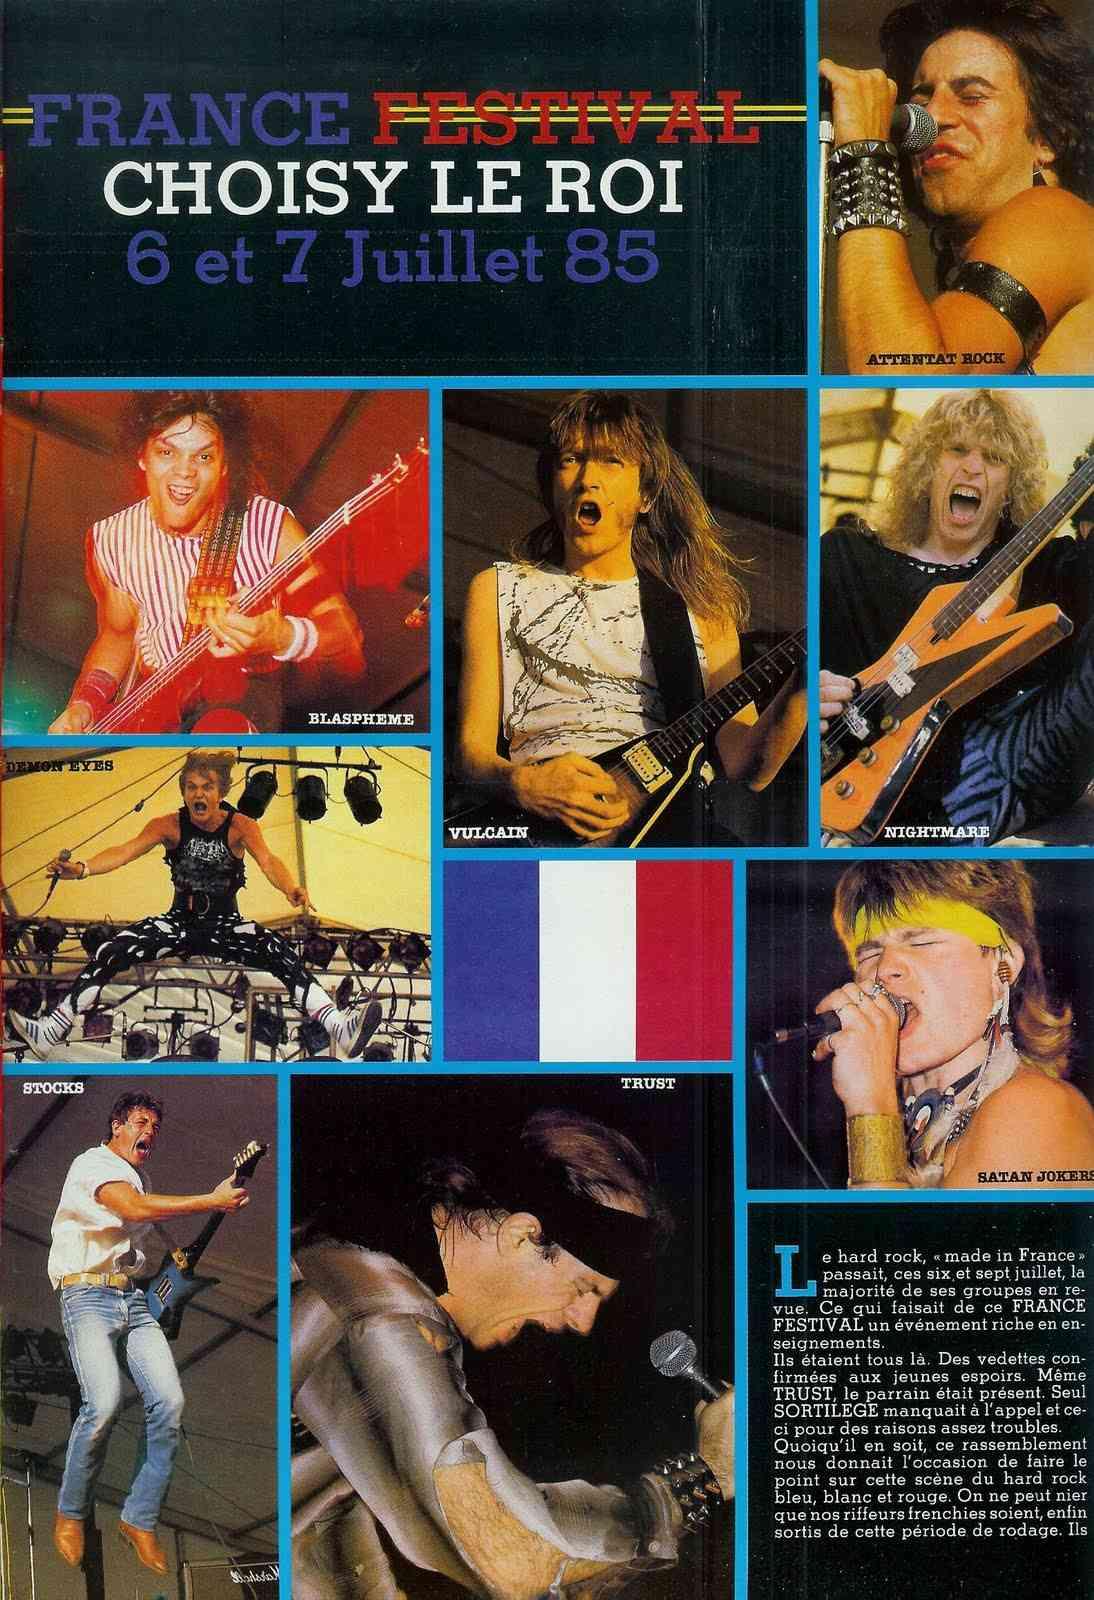 """FRANCE FESTIVAL à Choisy le Roi les 6 et 7 juillet 1985 (Chronique d'une belle aventure) """"Metal Attack"""" Juillet 1985  France11"""